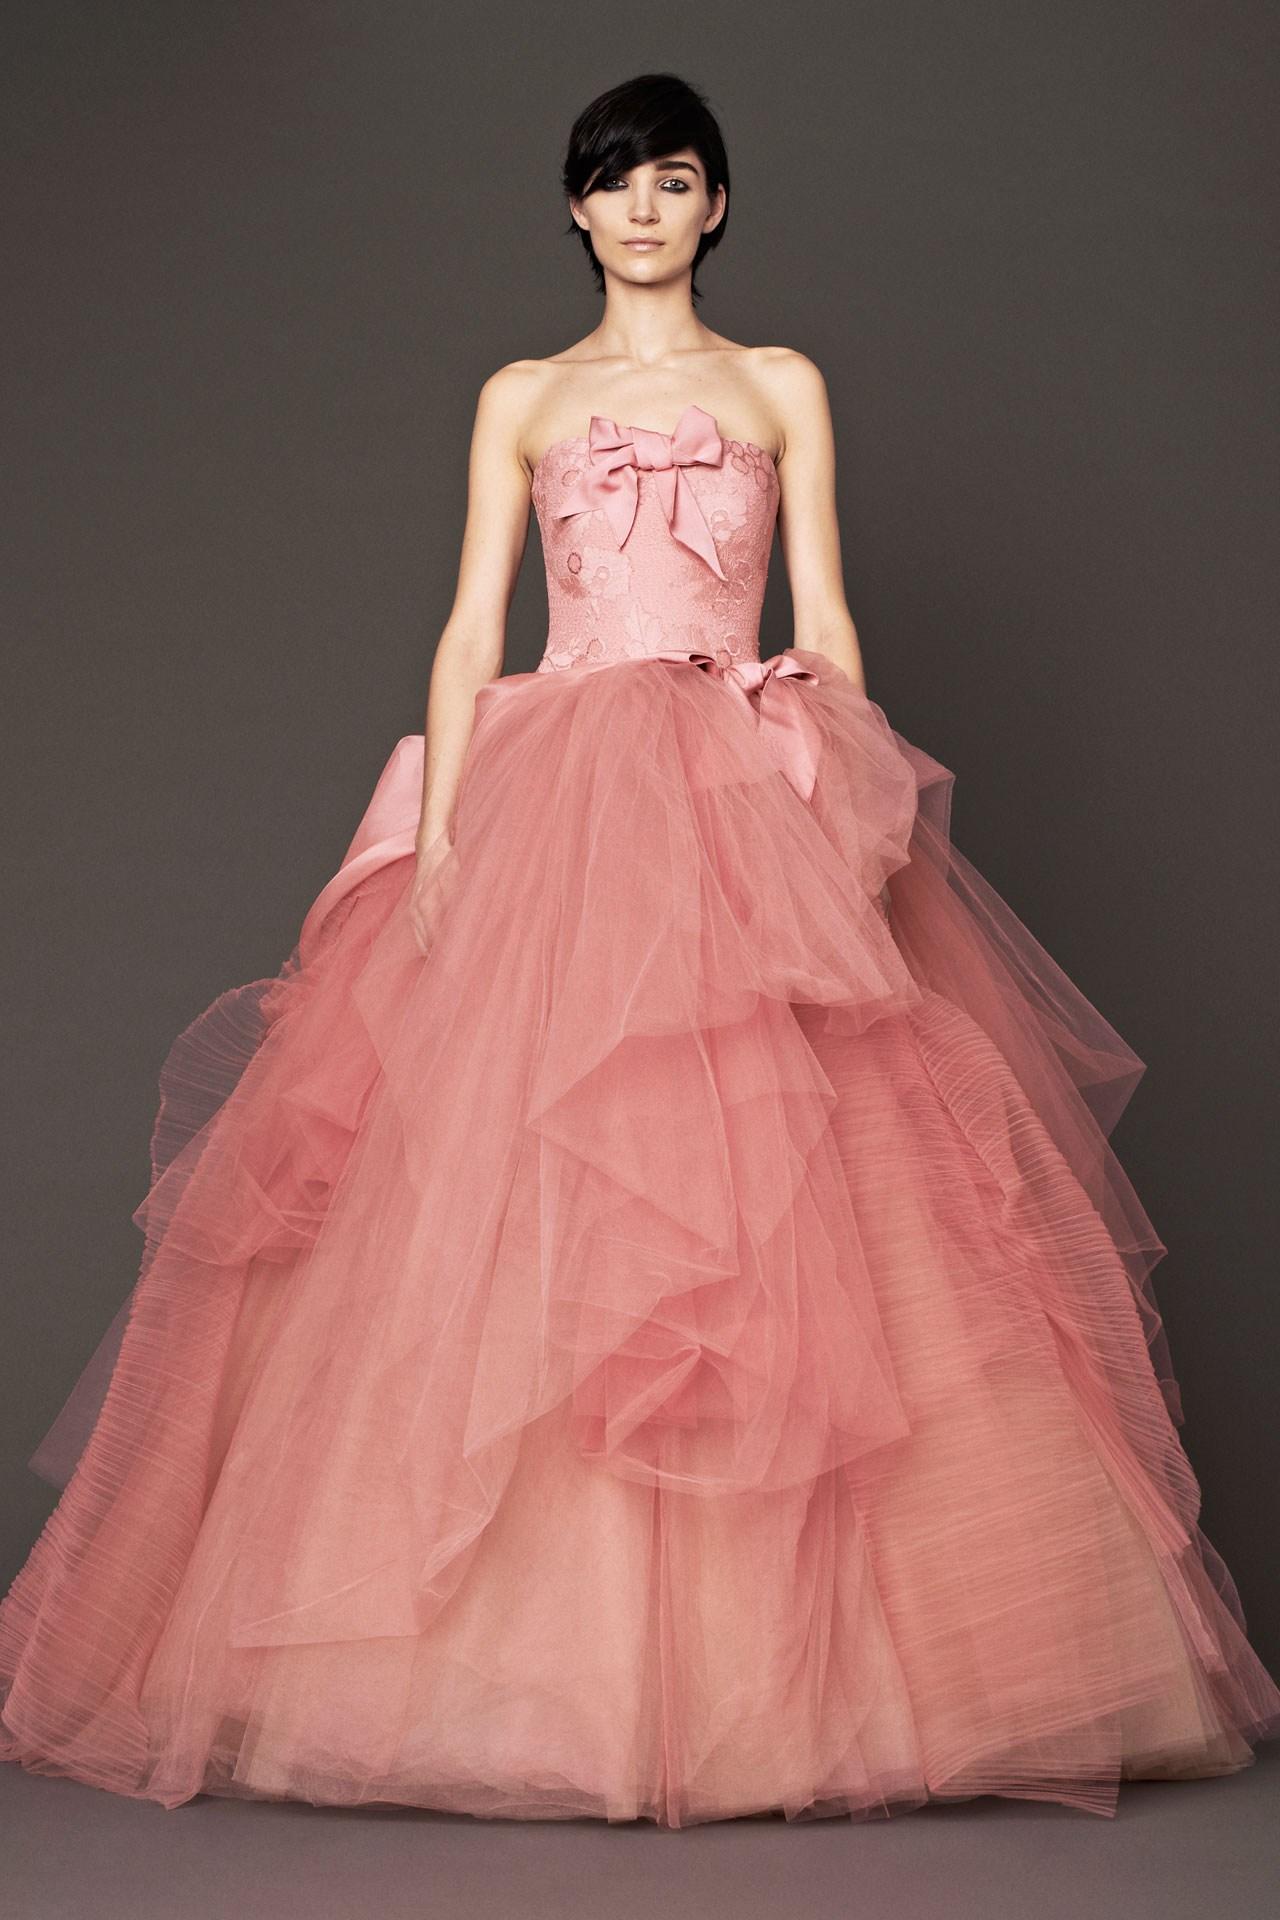 wedding dress « pretty chic lady world